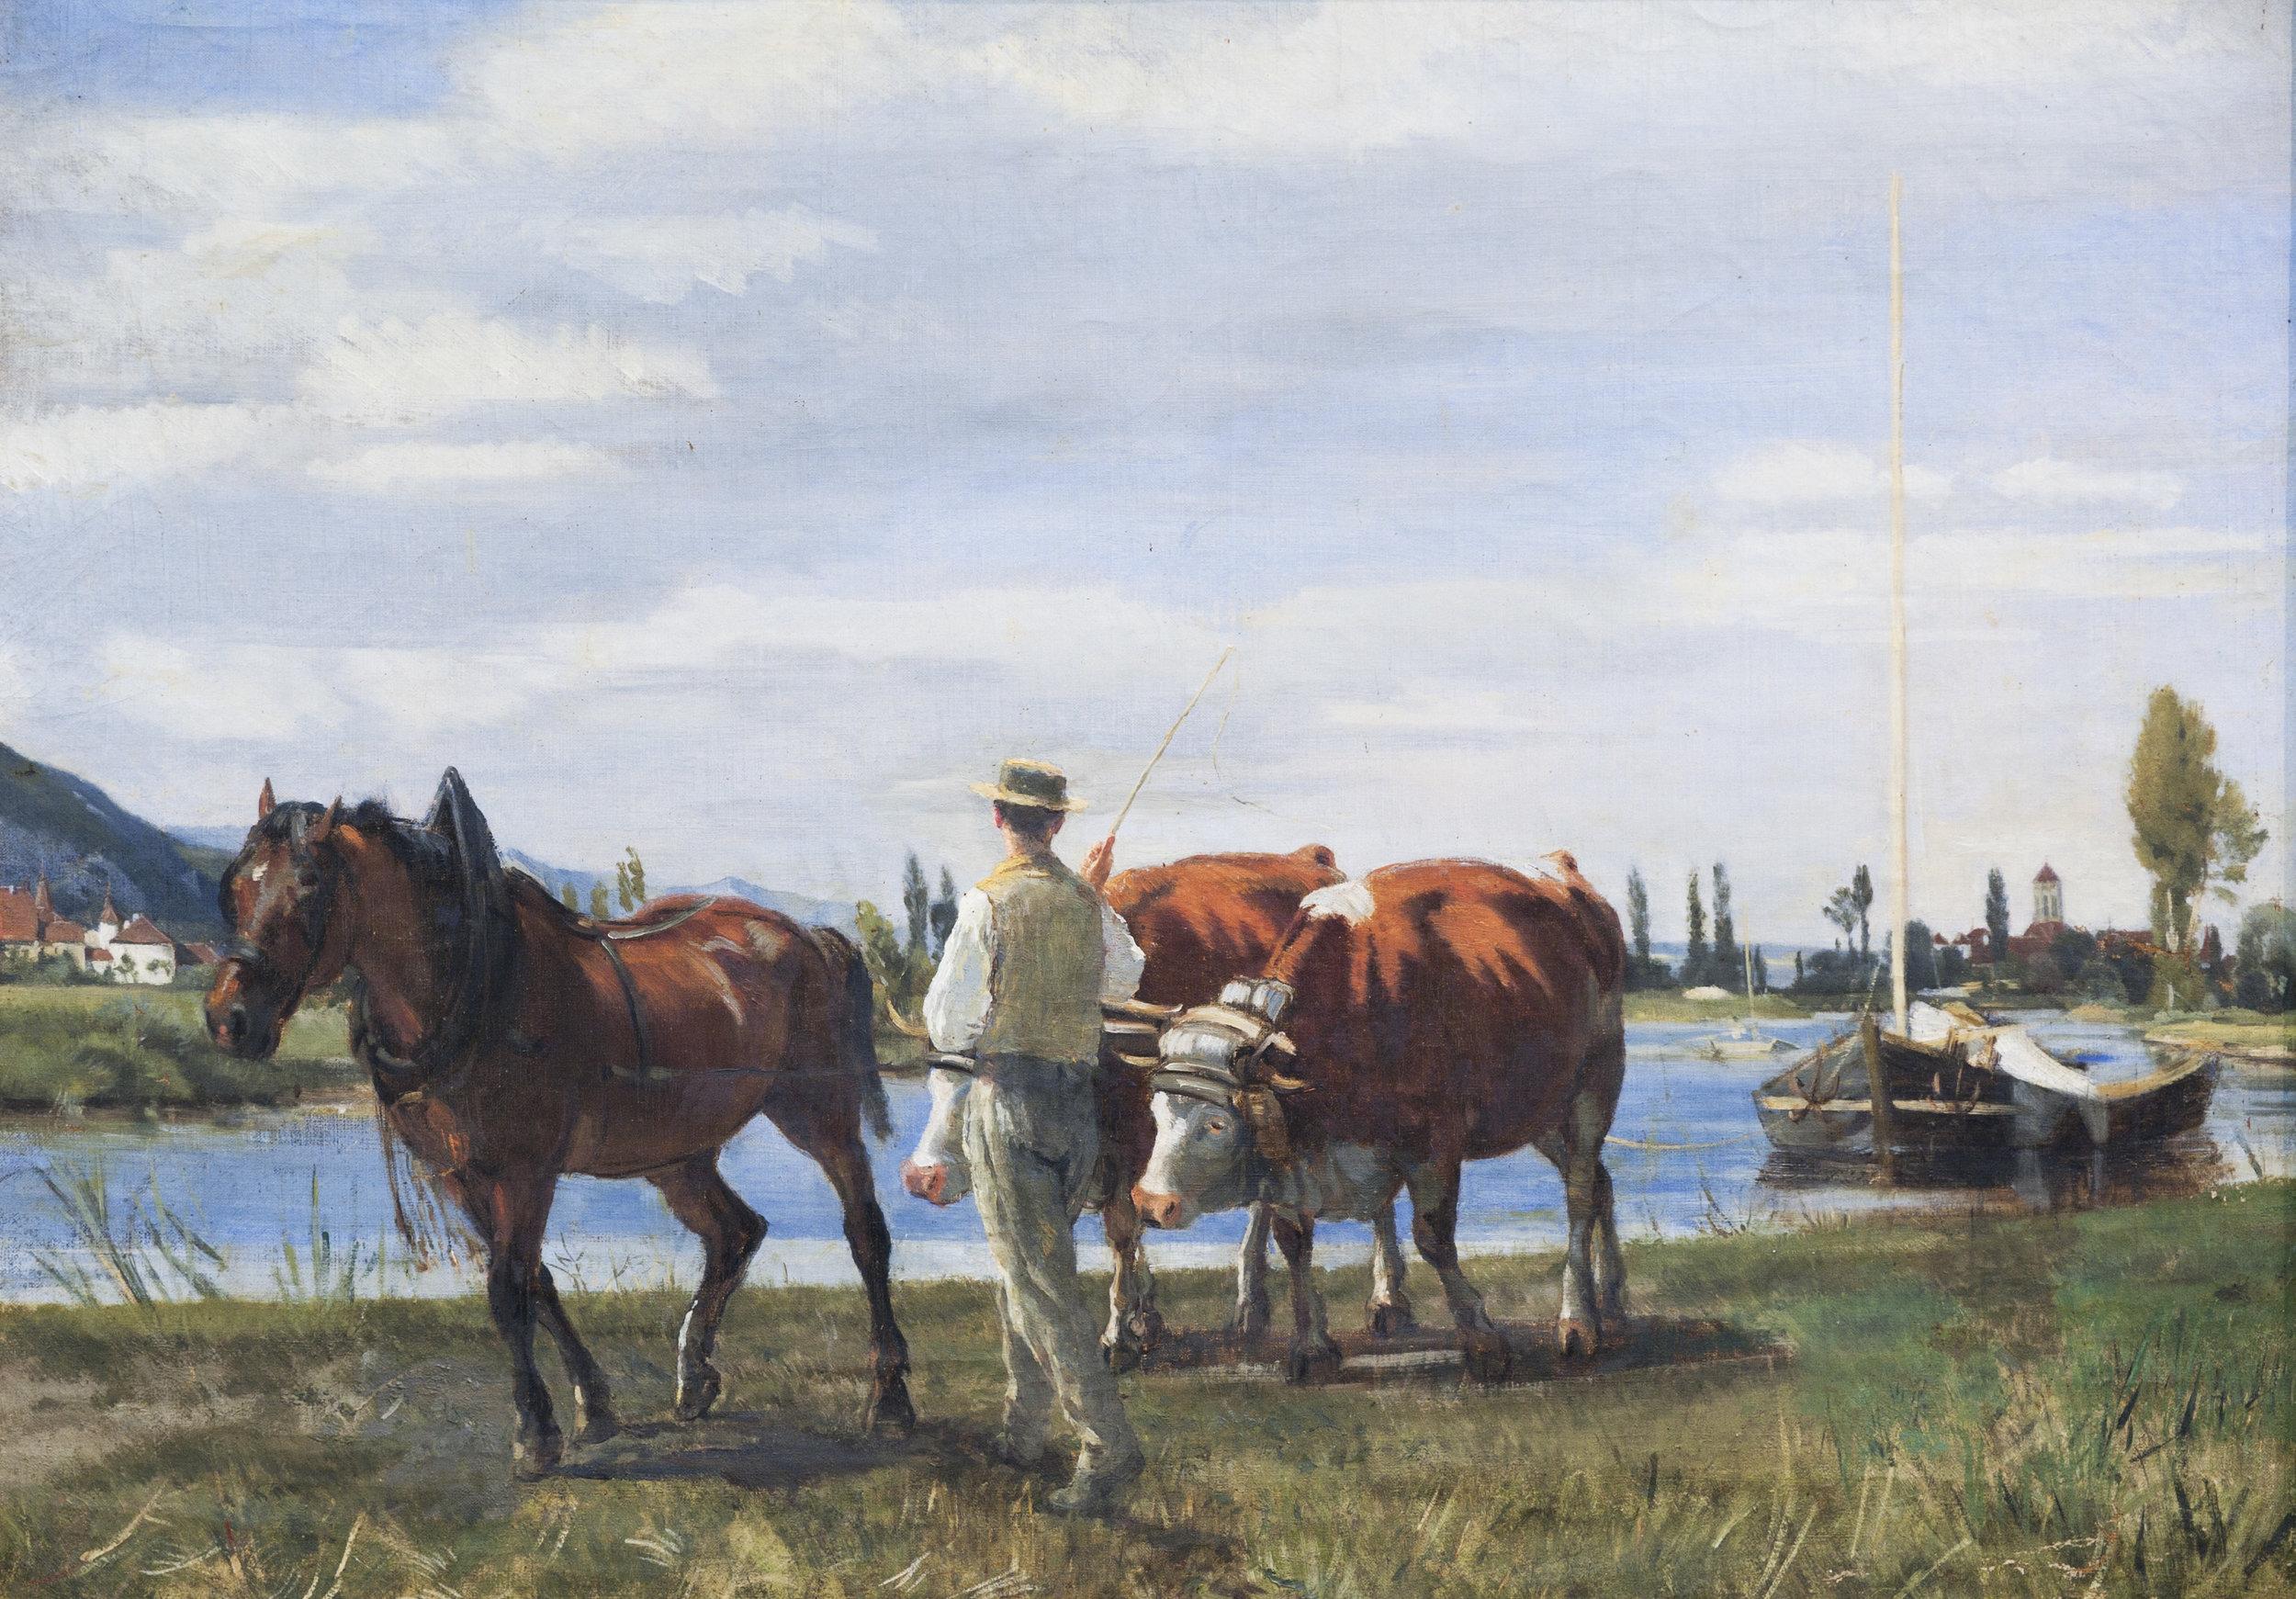 Halage le long de la Thielle avec vue sur Le Landeron et St-Jean de Jules Jacot Guillarmod, sans date (vers 1859)